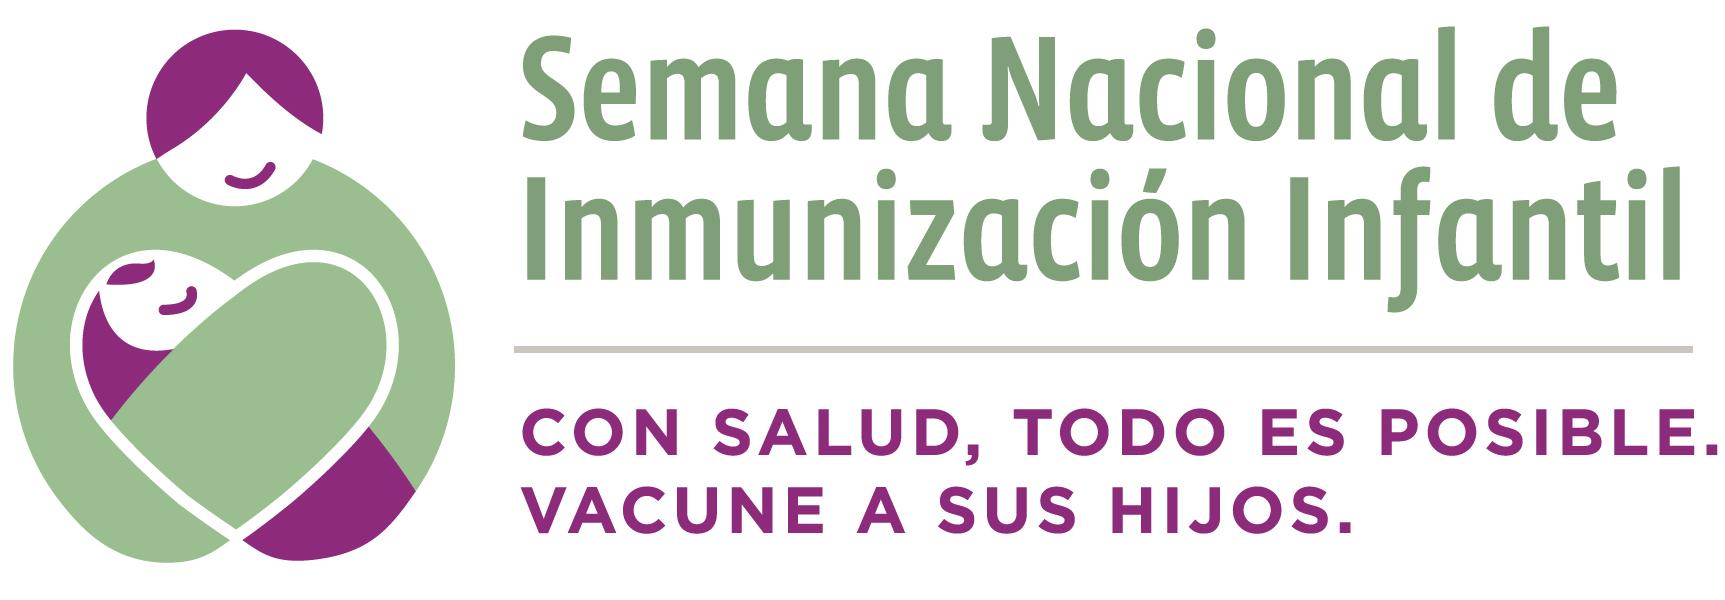 Semana Nacional de Inmunización Infantil